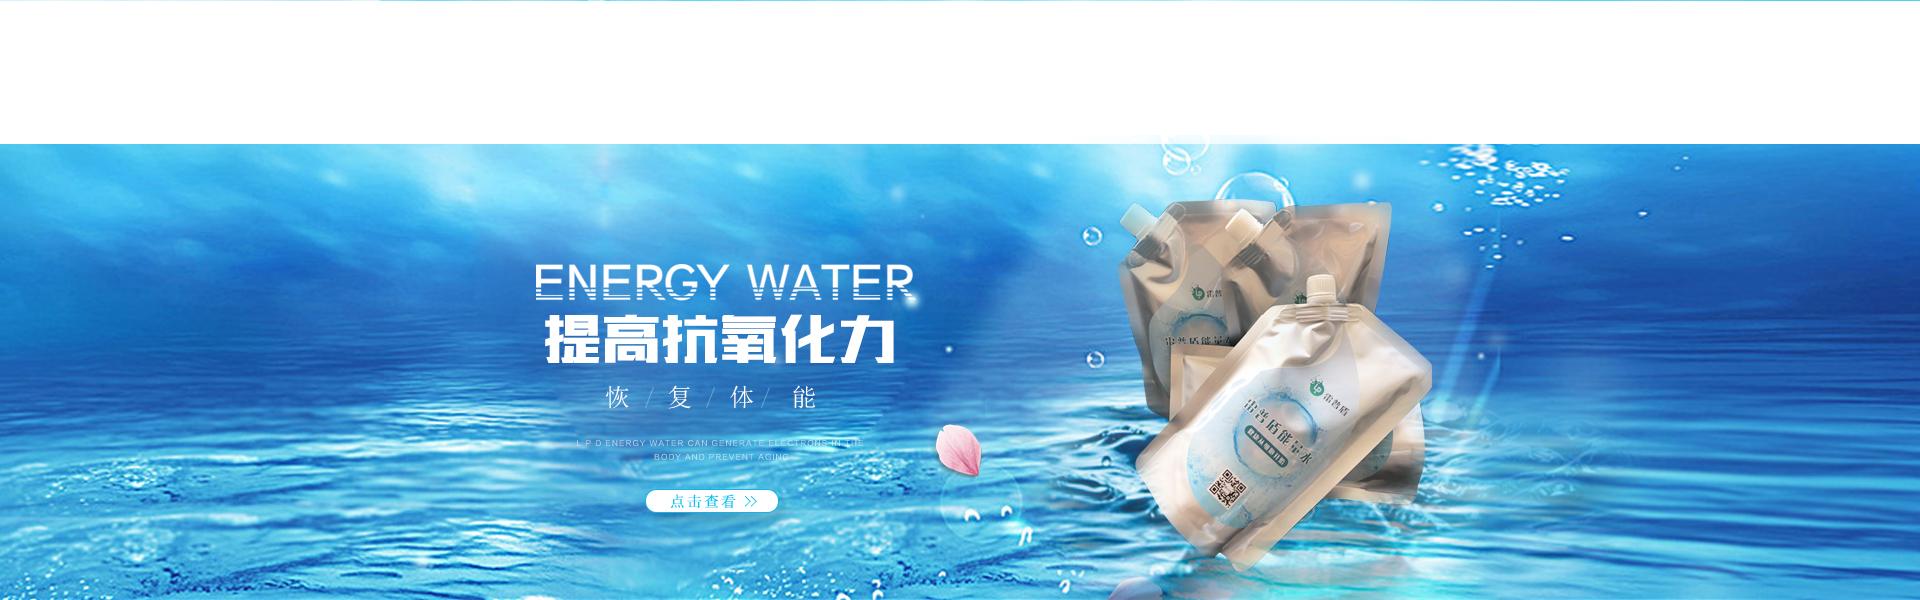 日本技术能量水